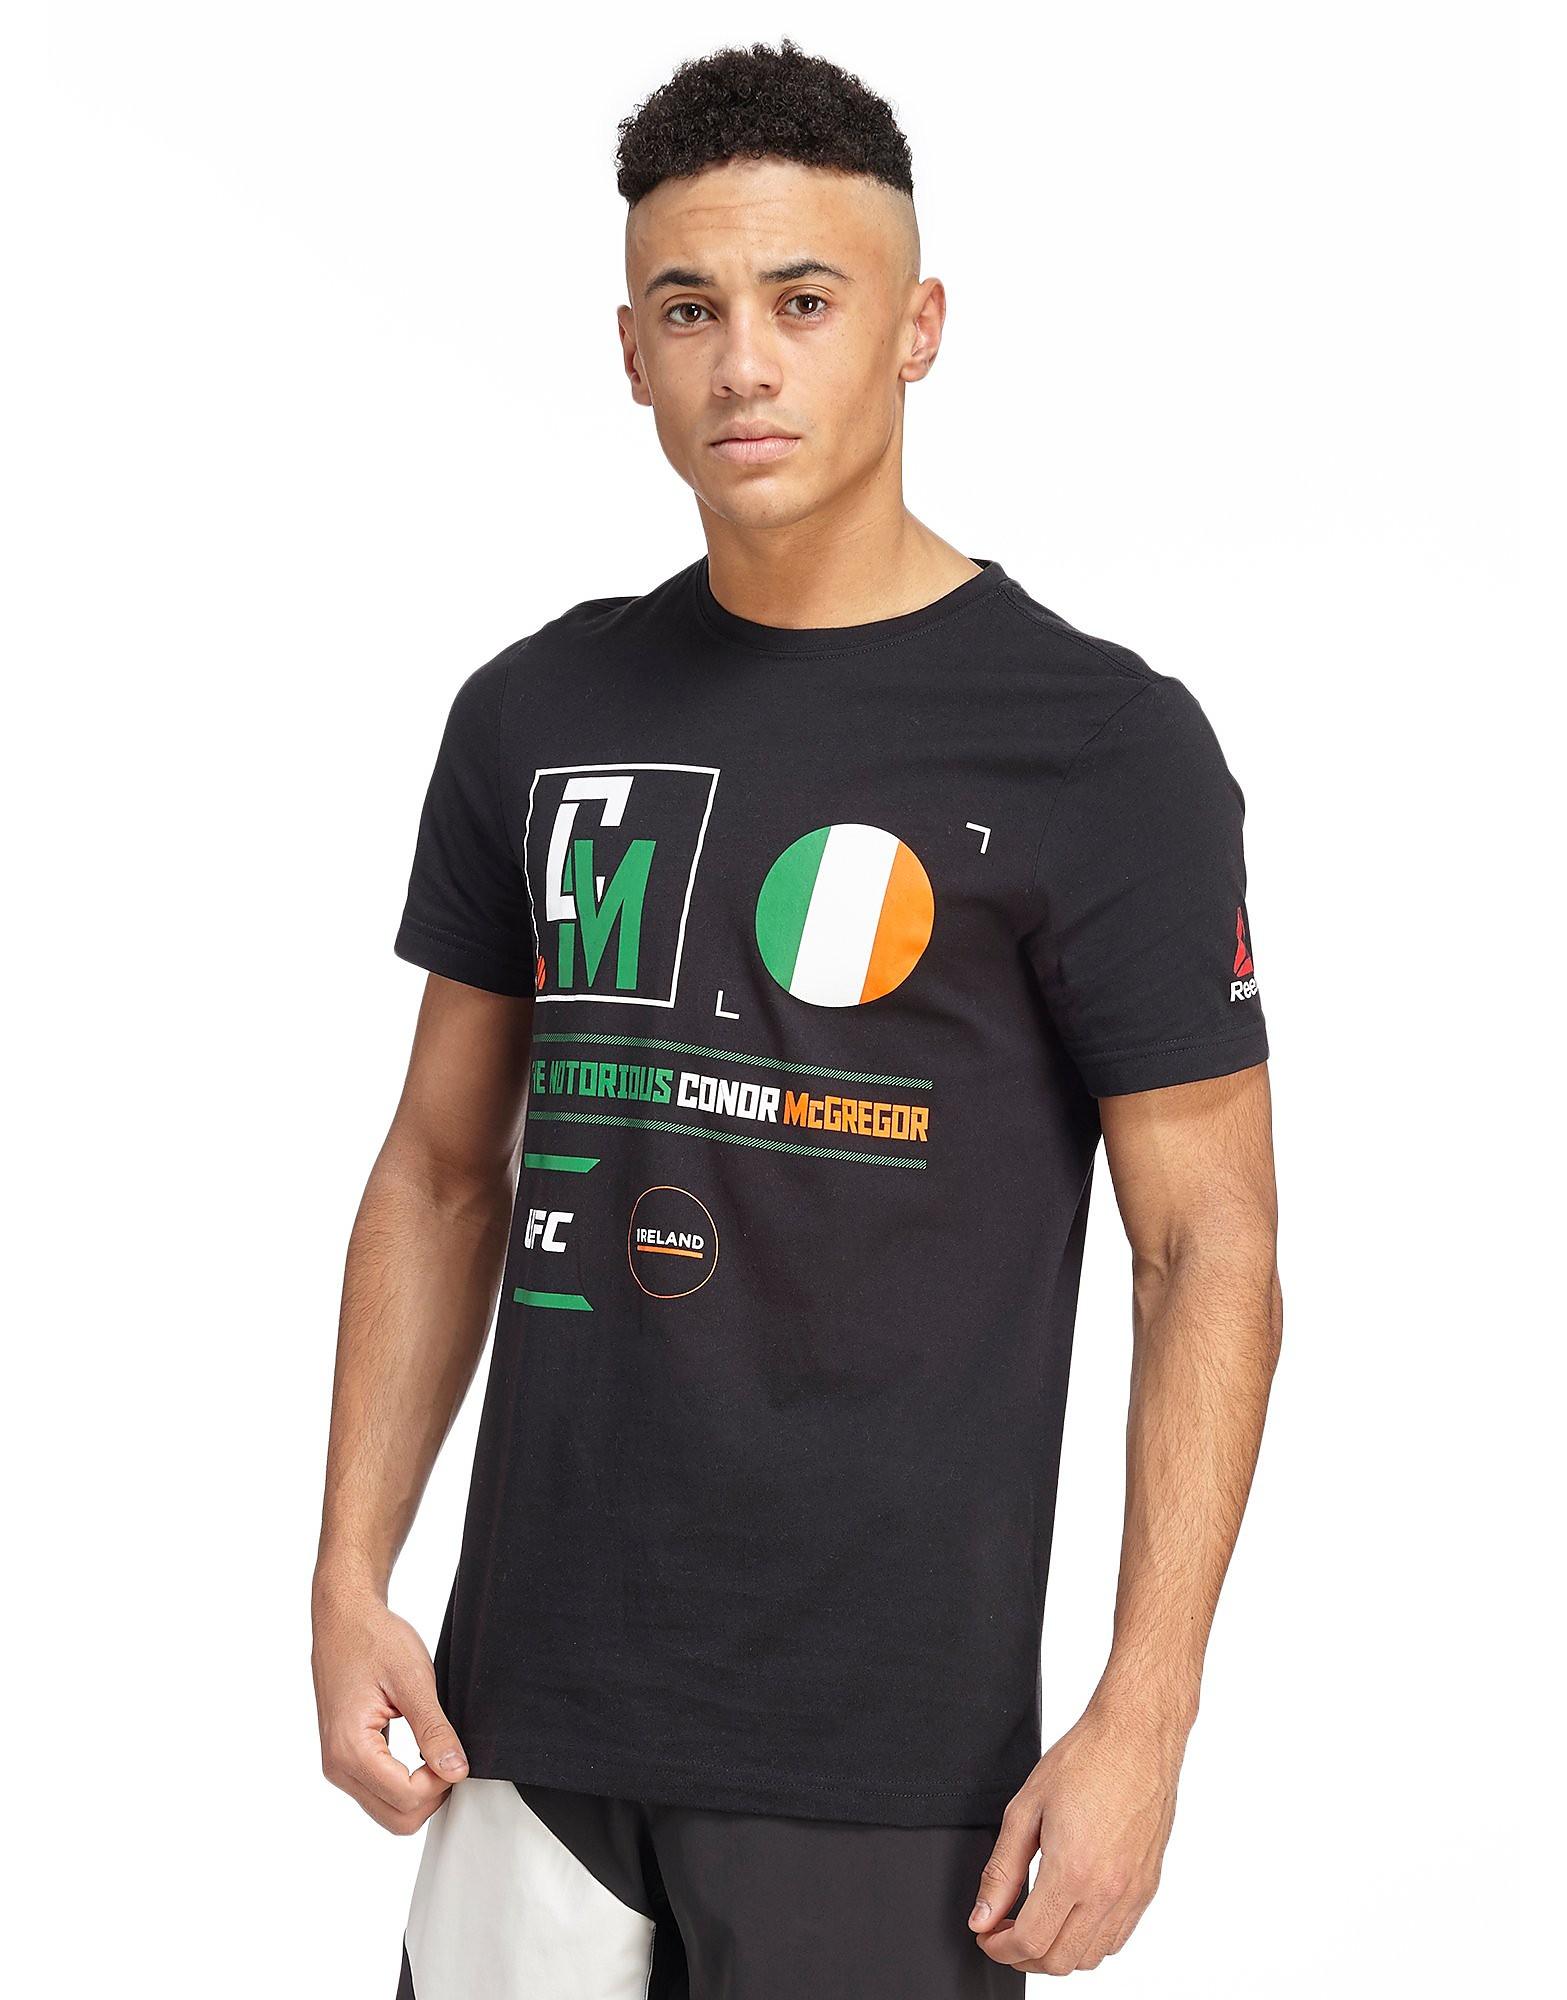 Reebok UFC Conor McGregor Retro T-Shirt